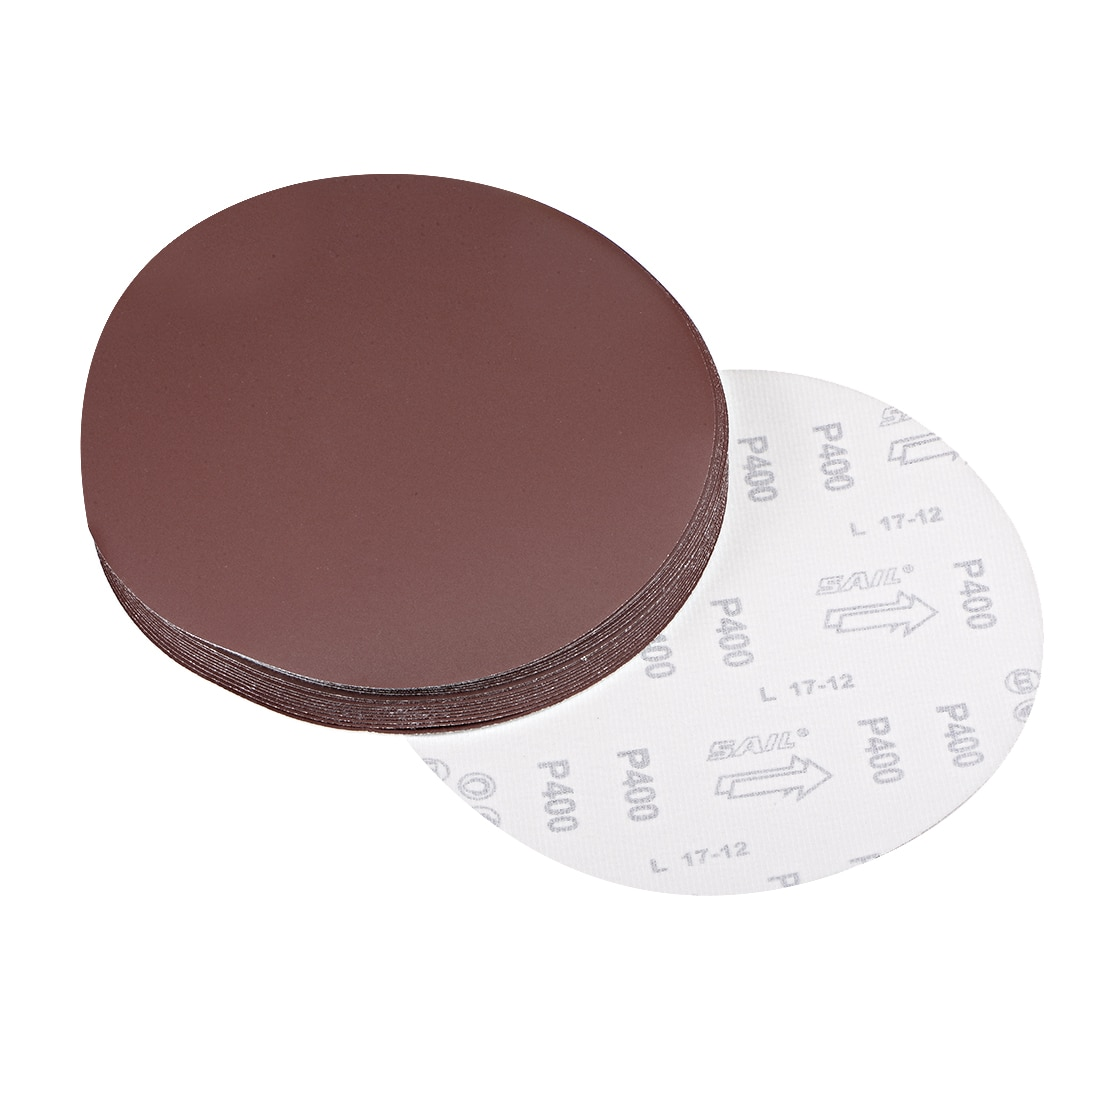 Uxcell 9-дюймовый шлифовальный диск 400 гр. оксид алюминия стекаются назад наждачные бумаги к дереву, резиновый кожаный пластиковый камень и т. Д....